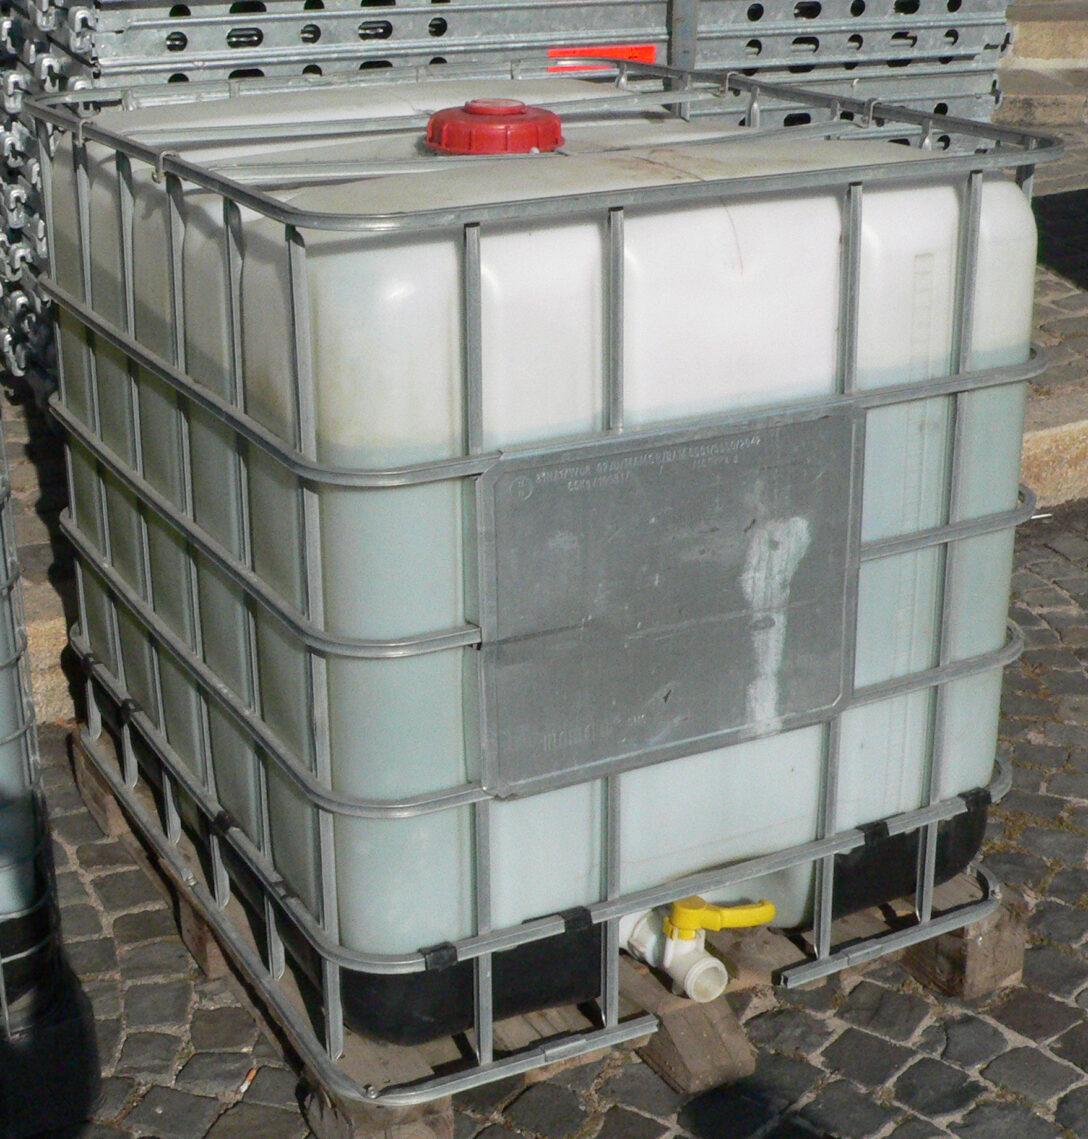 Large Size of Wassertank 1000l Obi Garten 2000l Oberirdisch Unterirdisch Eckig Mobile Küche Immobilienmakler Baden Nobilia Regale Einbauküche Immobilien Bad Homburg Wohnzimmer Wassertank 1000l Obi